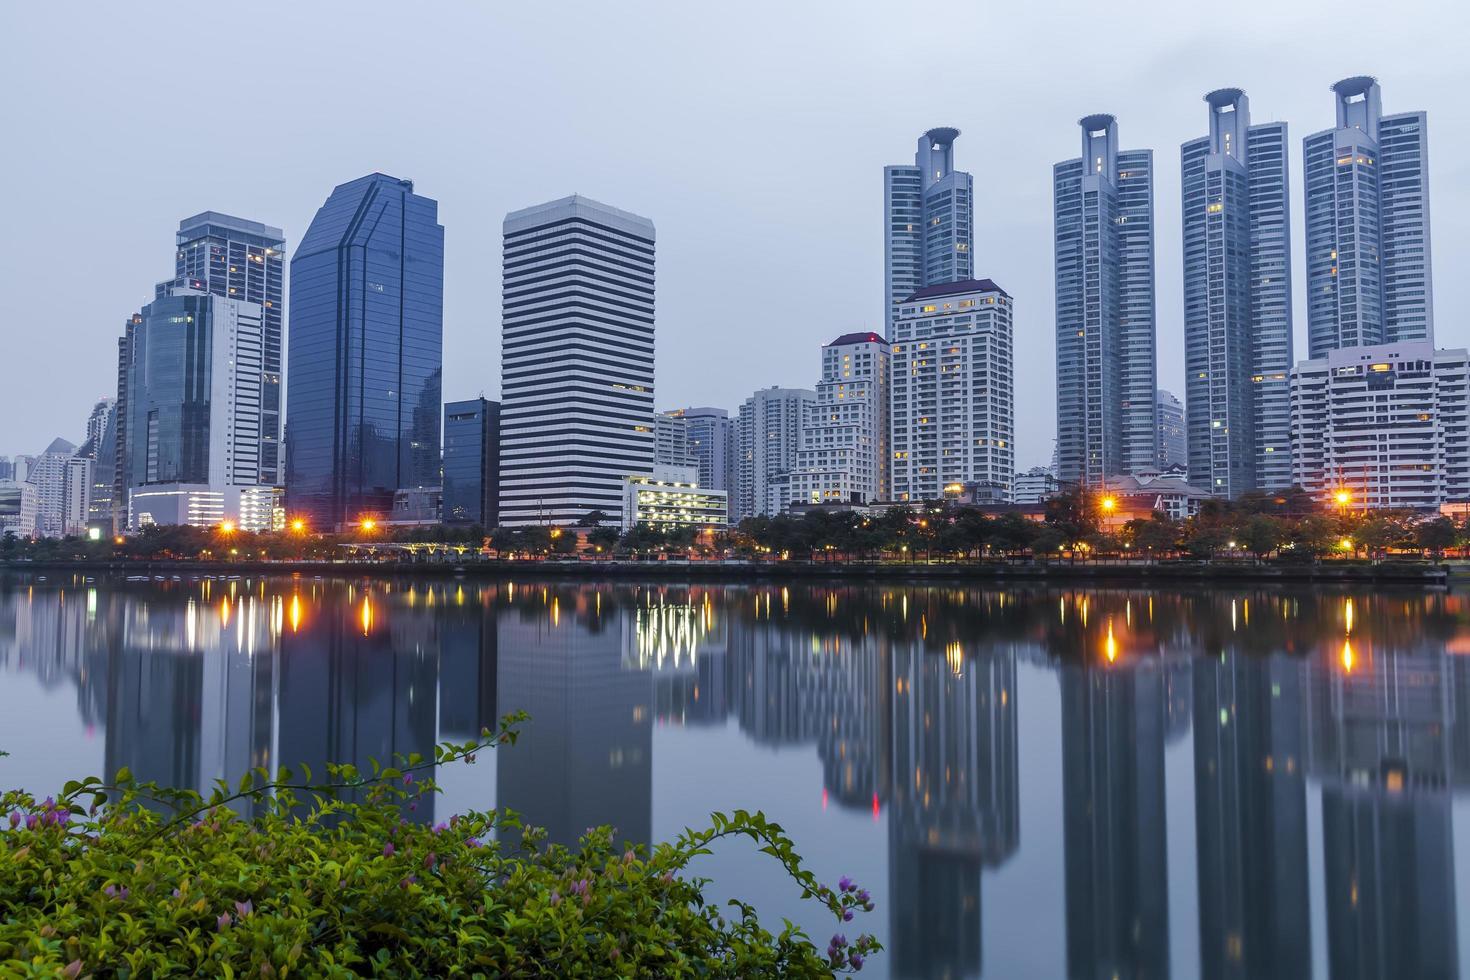 City of Bangkok at night photo